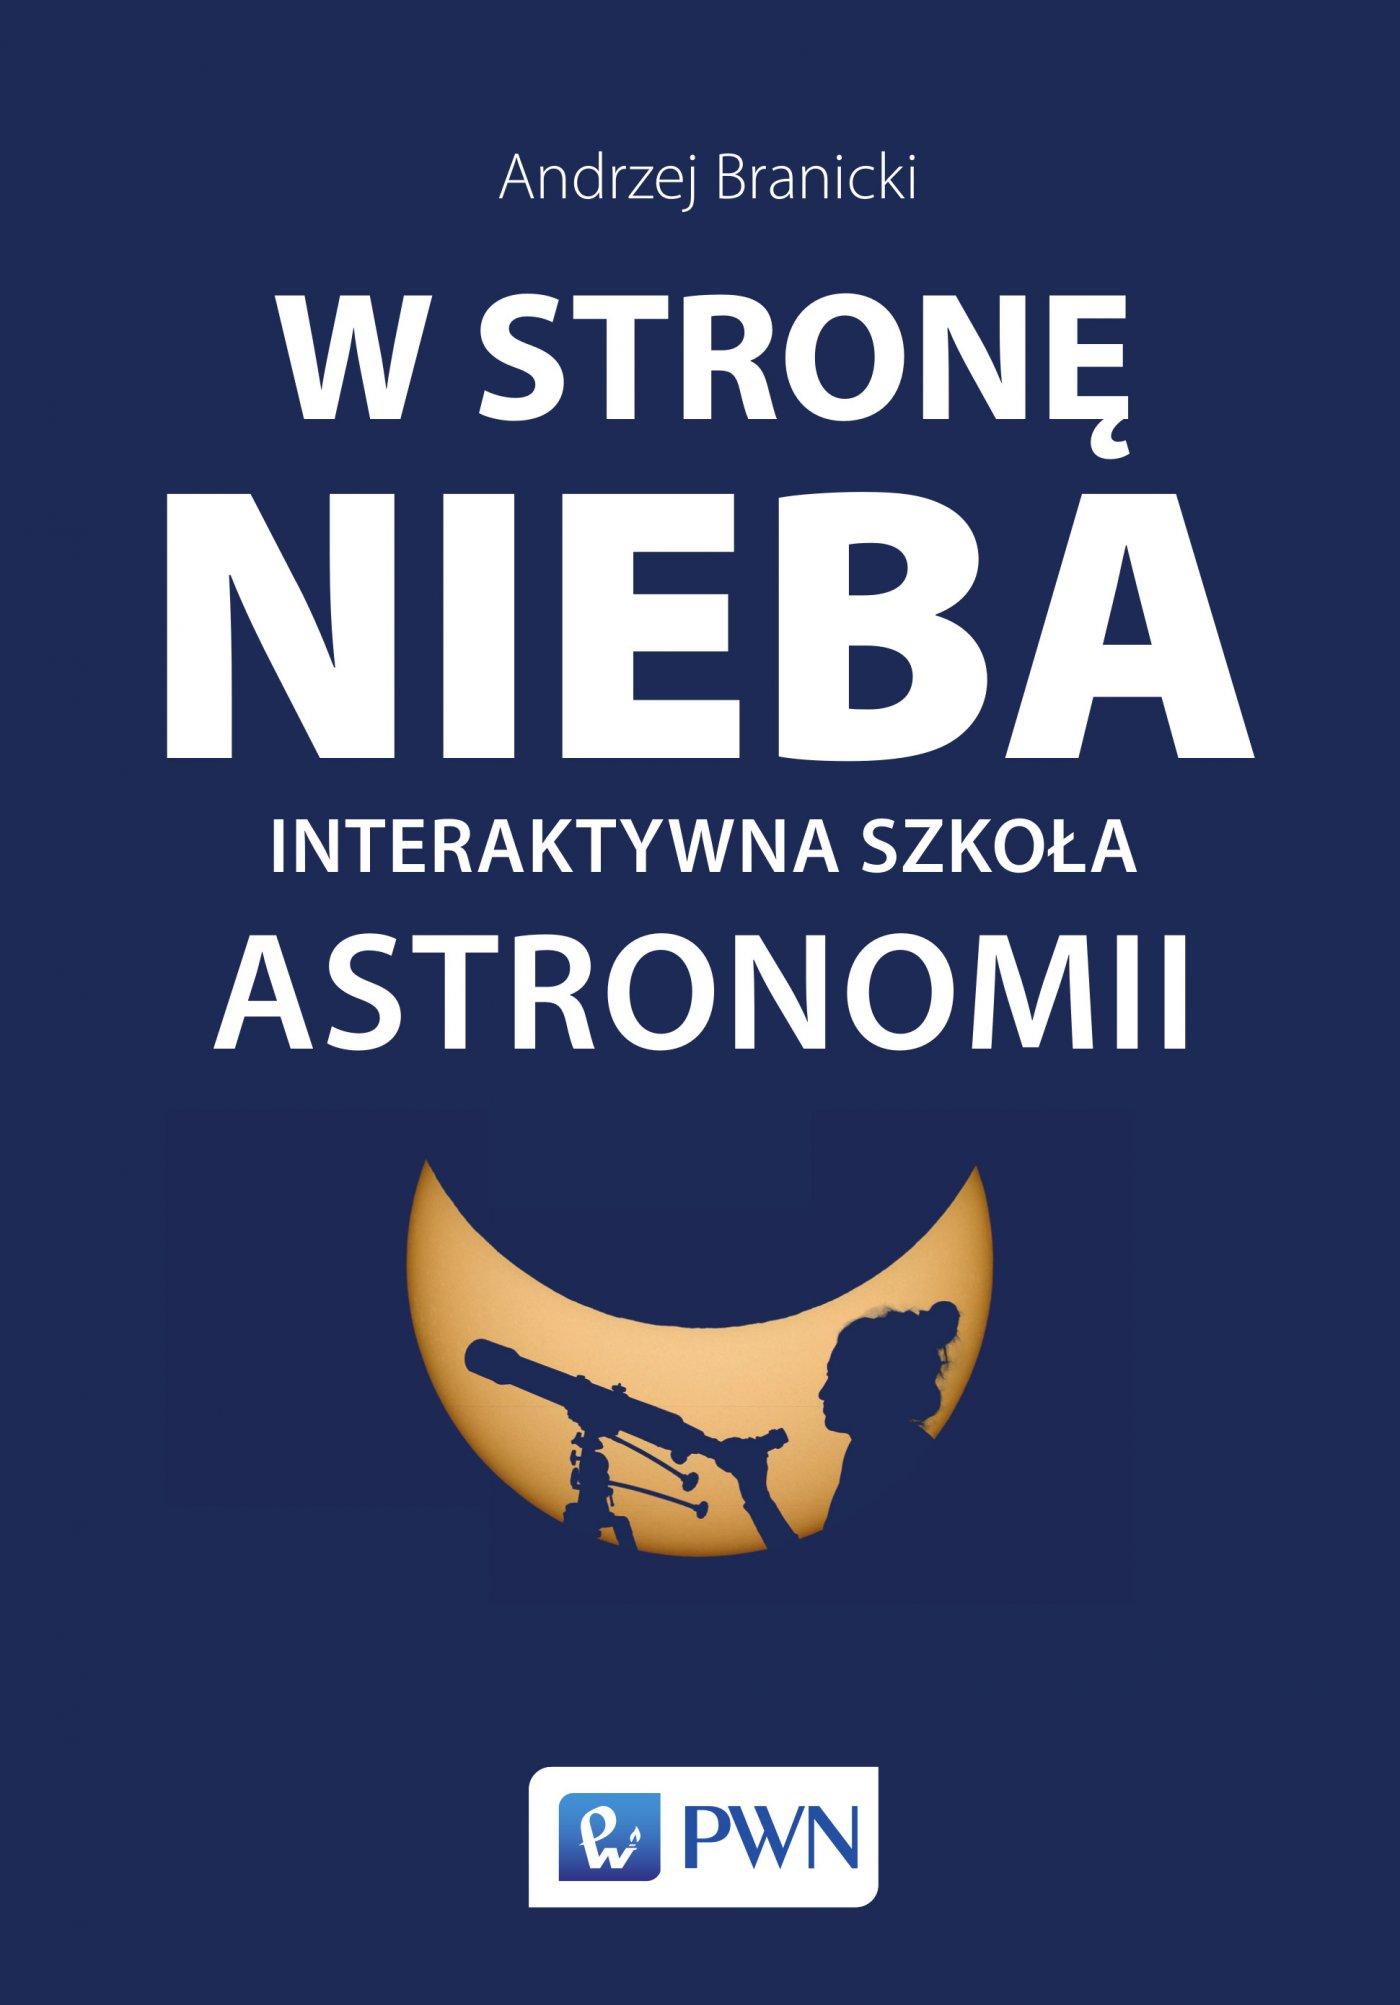 W stronę nieba: Interaktywna szkoła astronomii - Ebook (Książka na Kindle) do pobrania w formacie MOBI